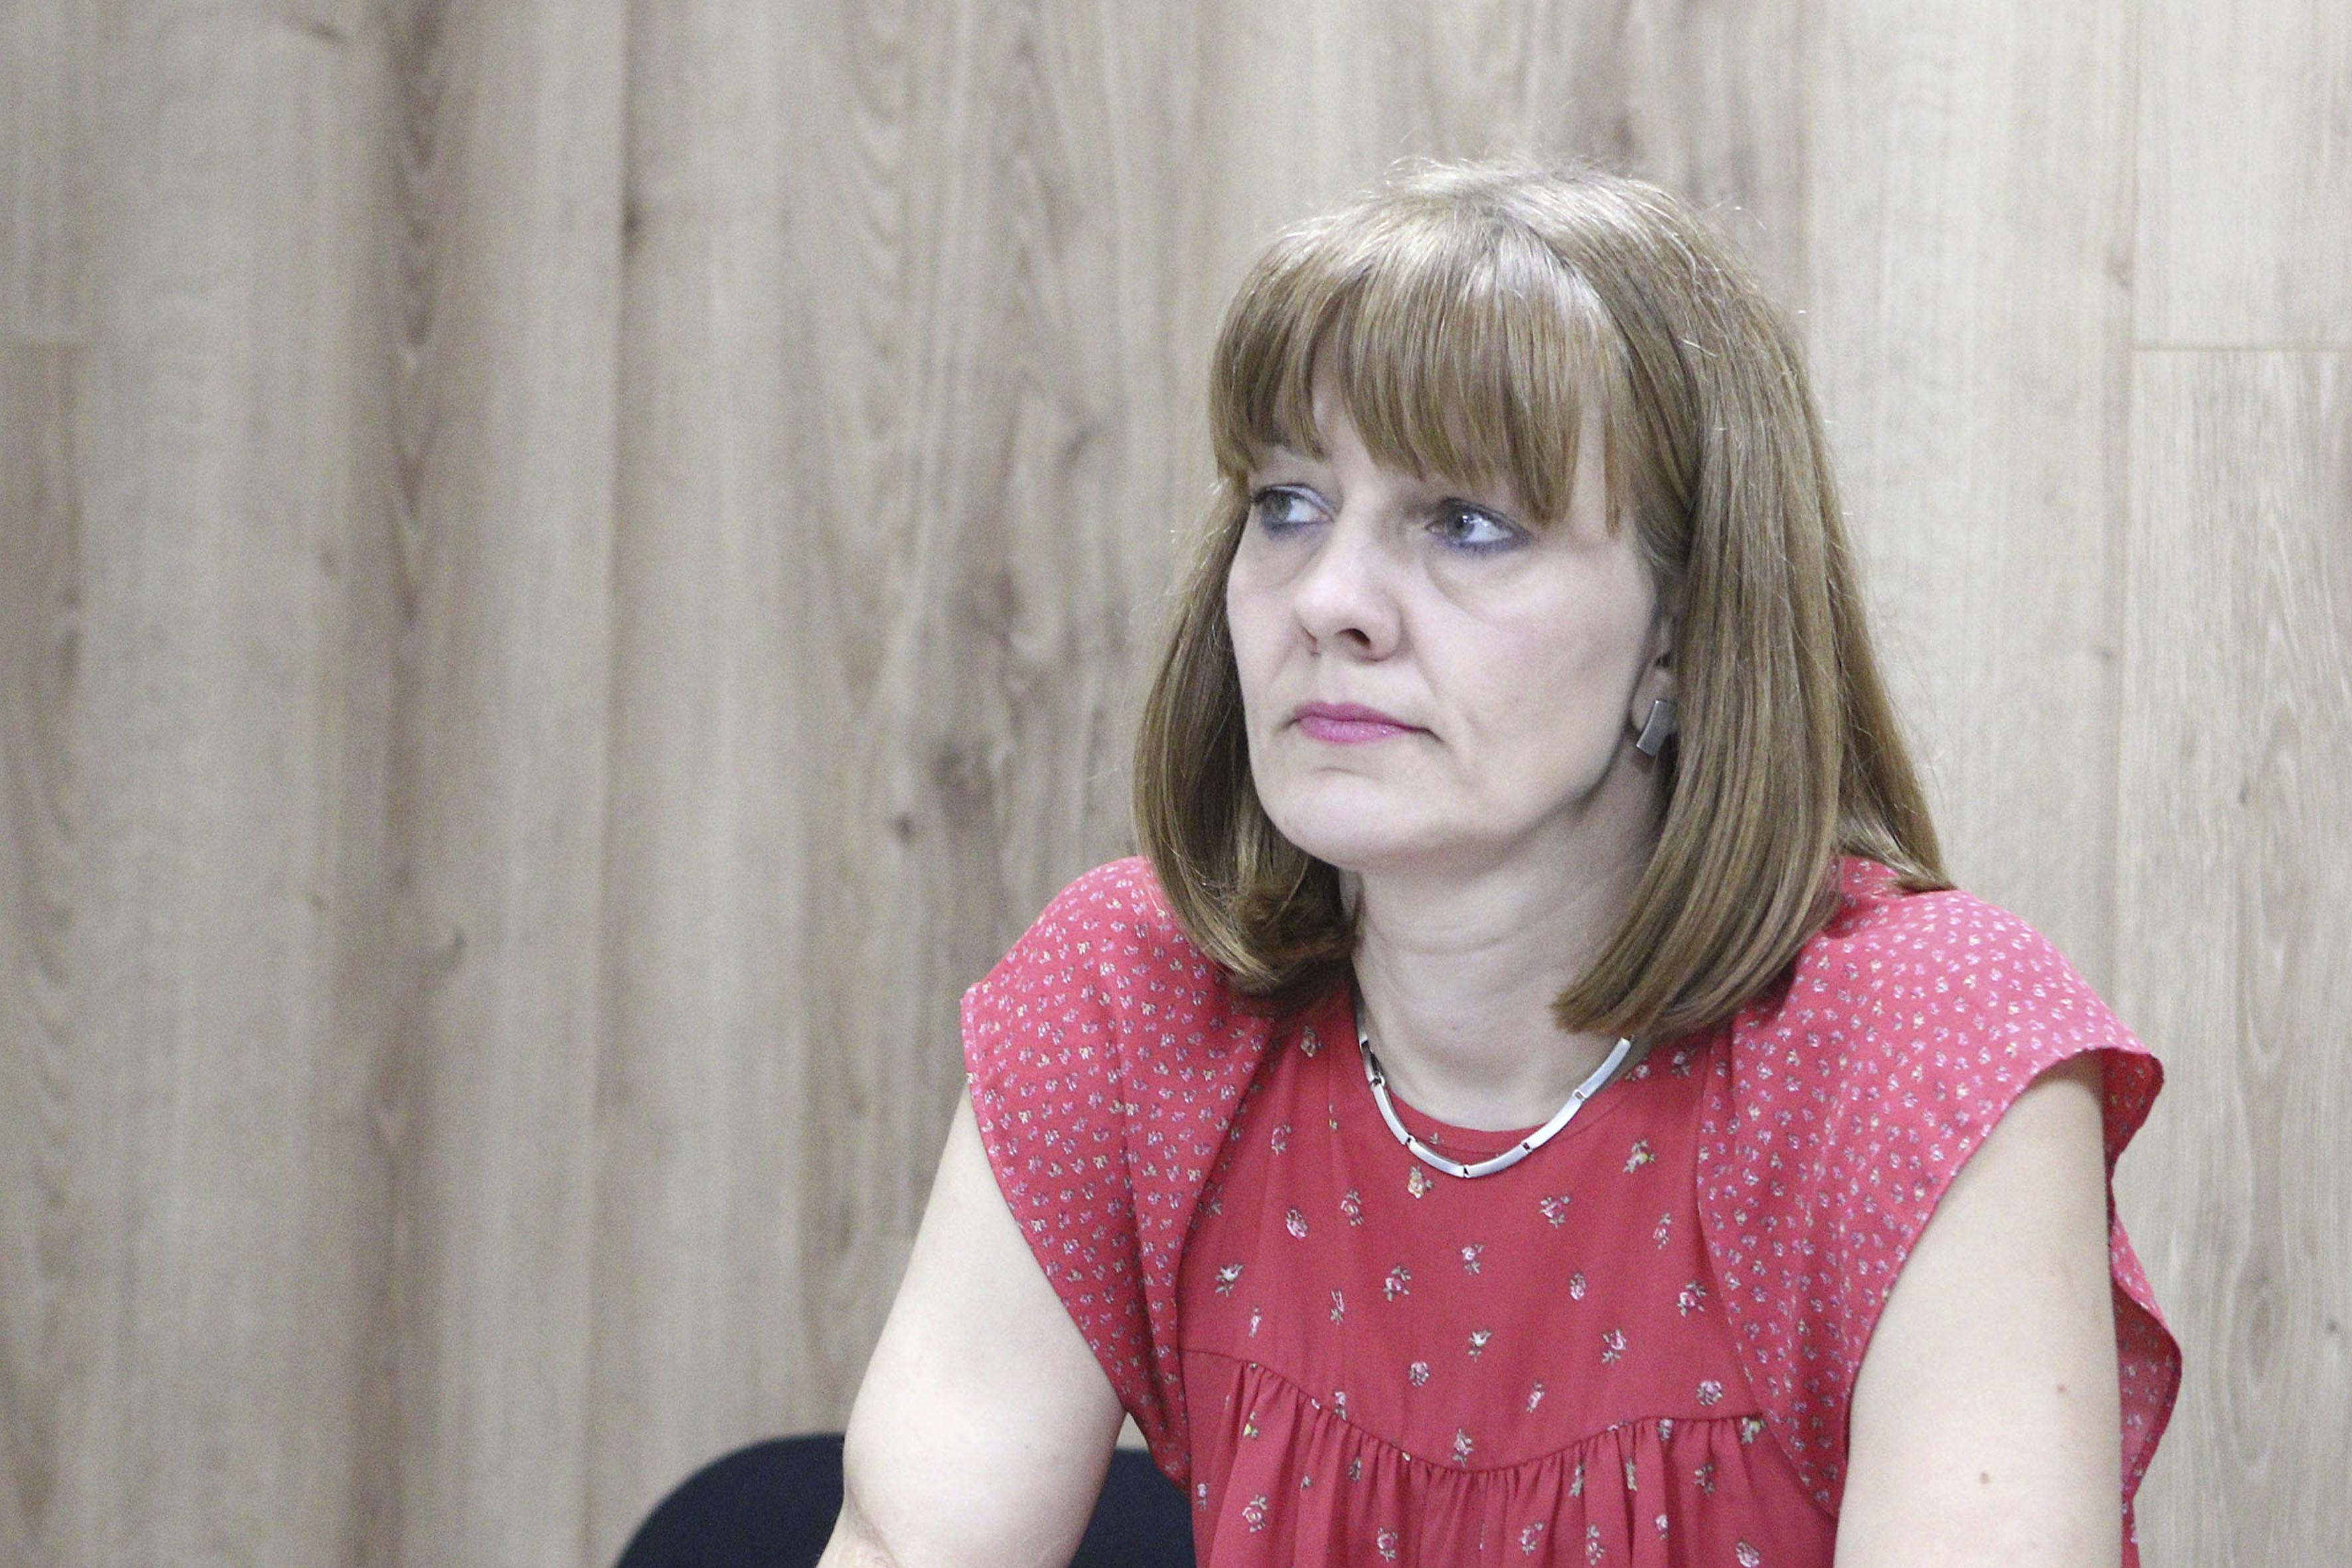 Dra.  Katja Stein, Coordinadora del Módulo de Nutrición del Congreso Internacional Avances en Medicina (CIAM 2018), del Hospital Civil de Guadalajara (HCG).